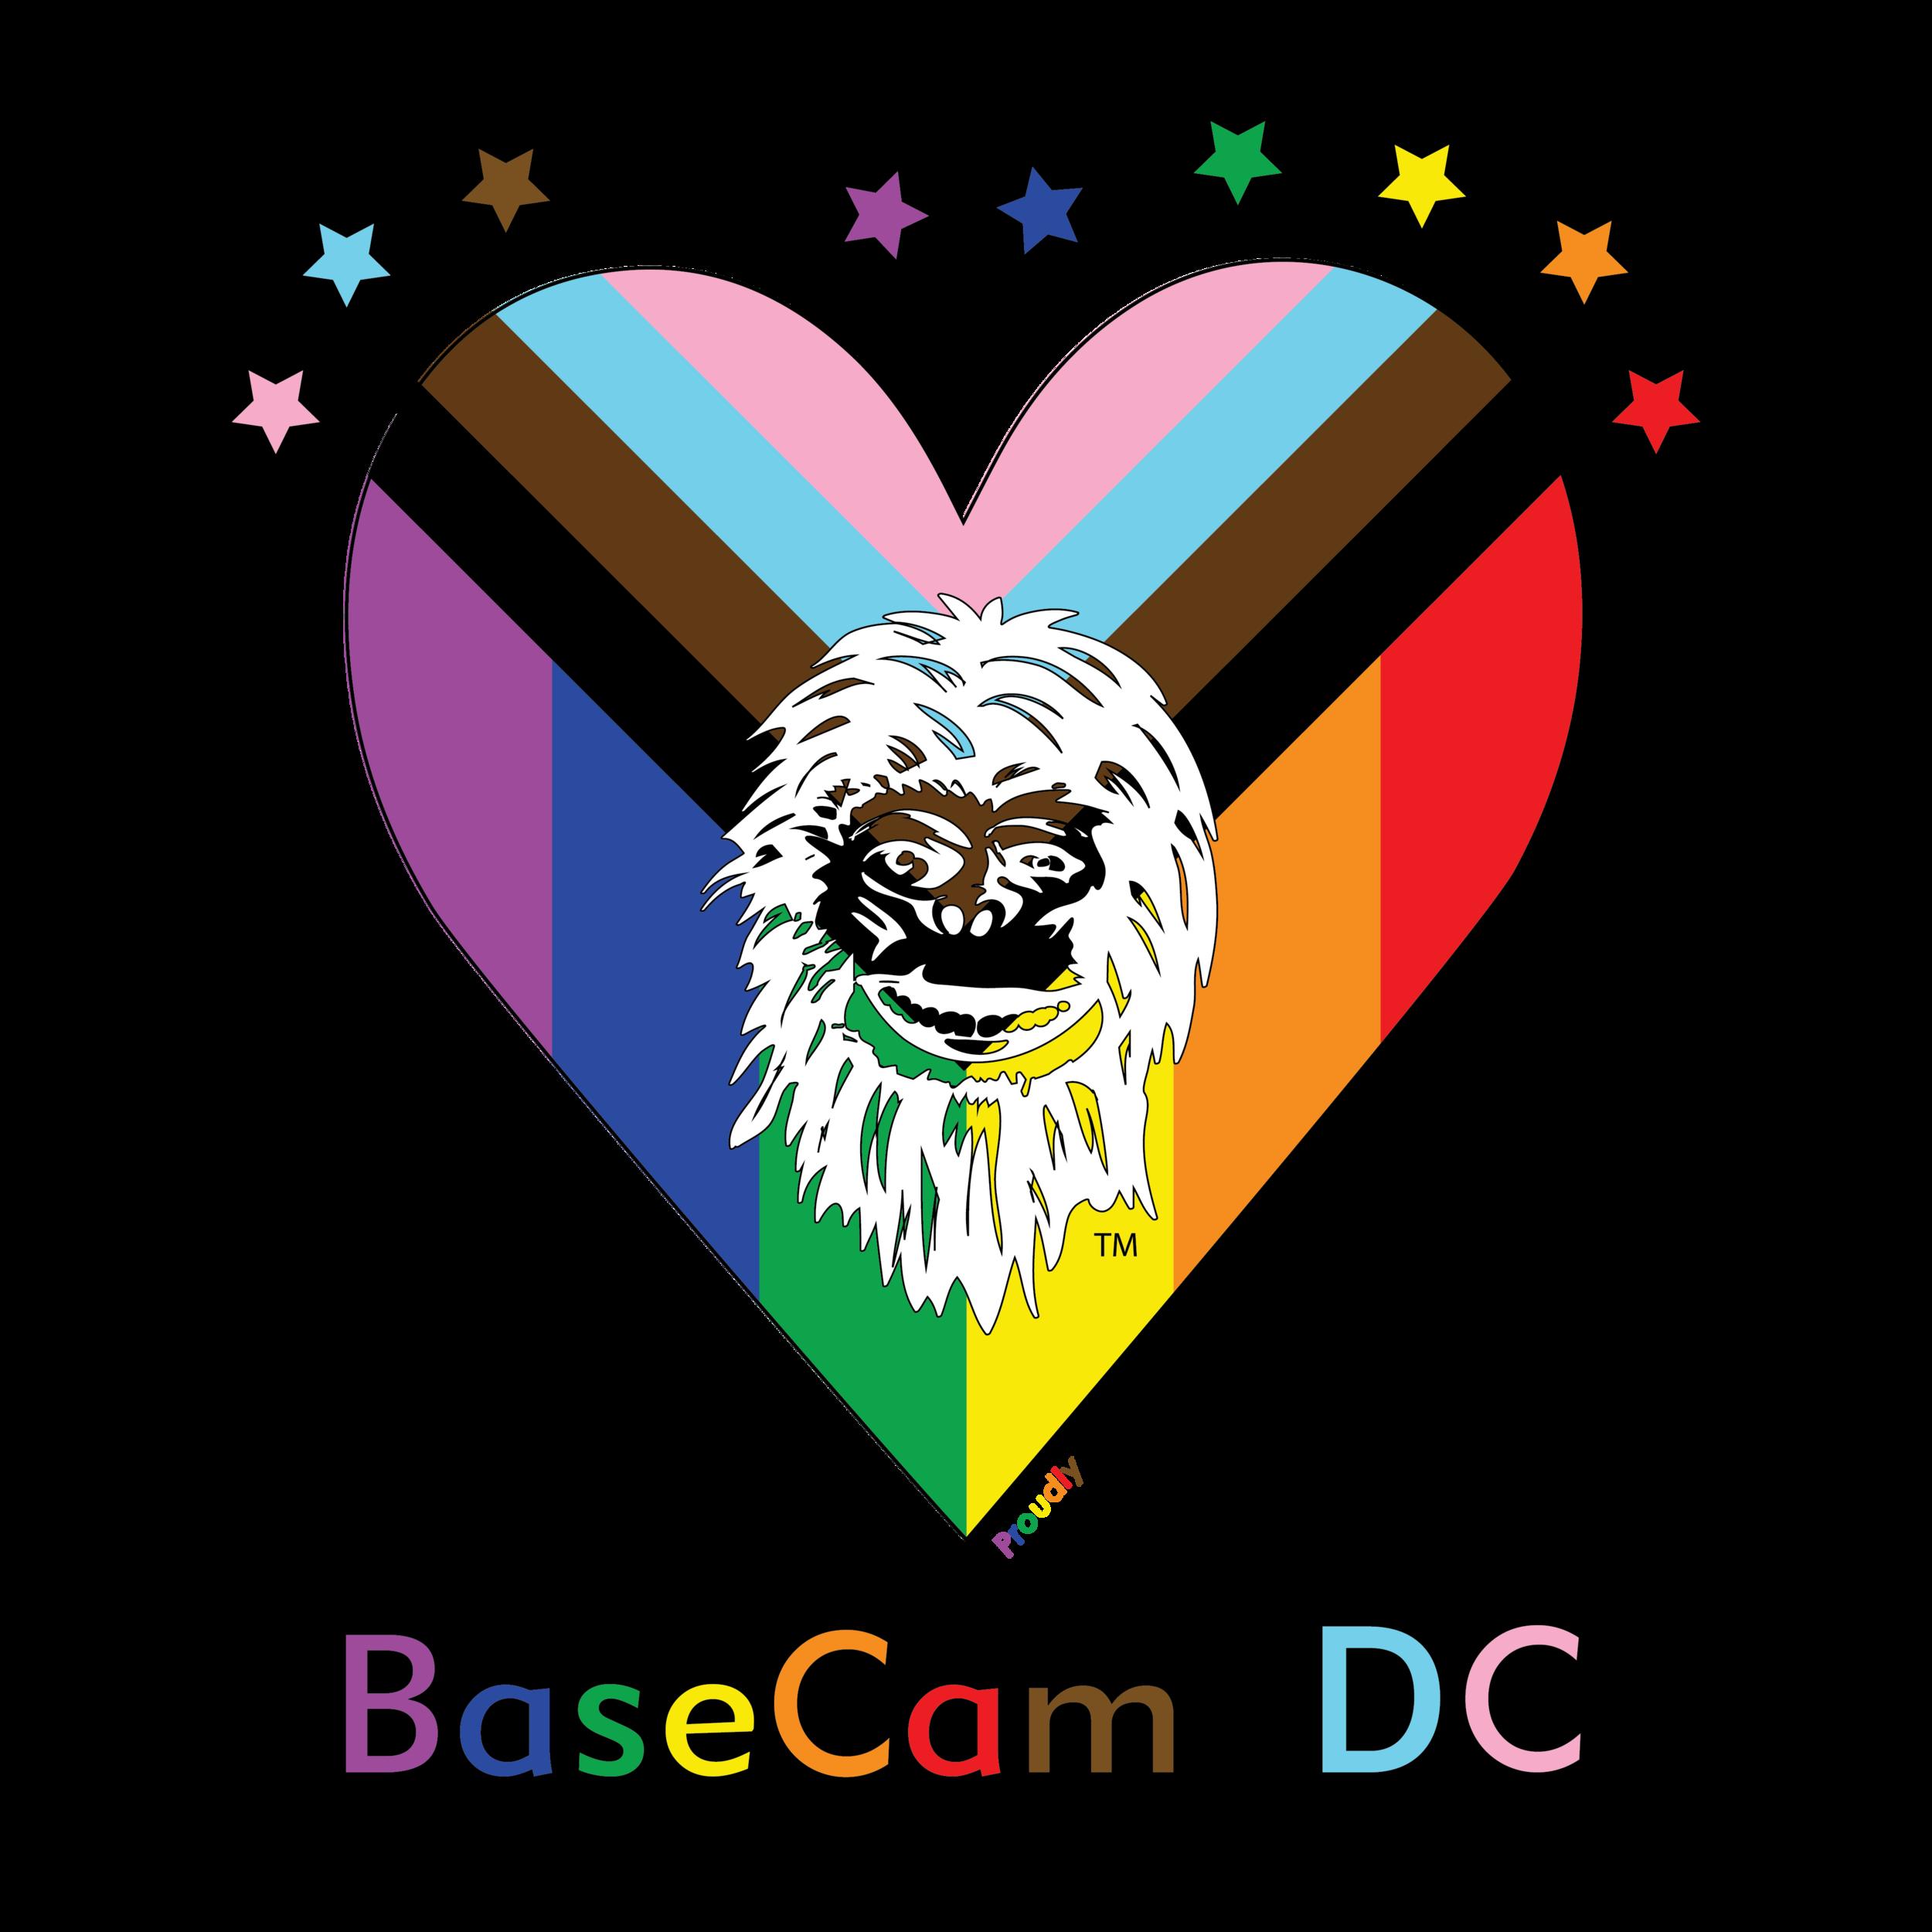 BC_Pride_Poster-01.png